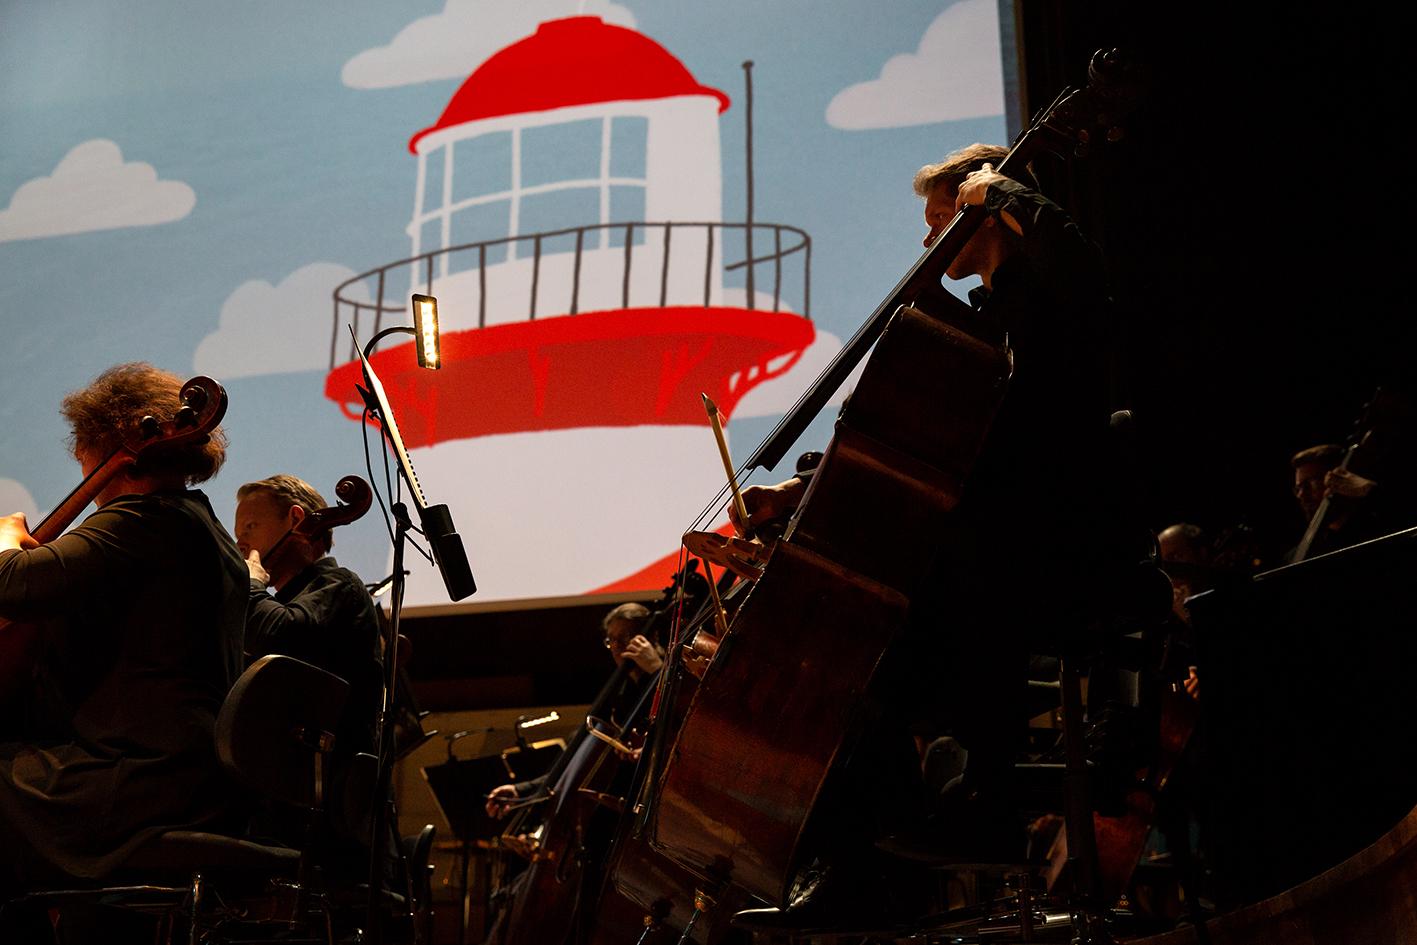 Residentie orkest- Peer Gynt